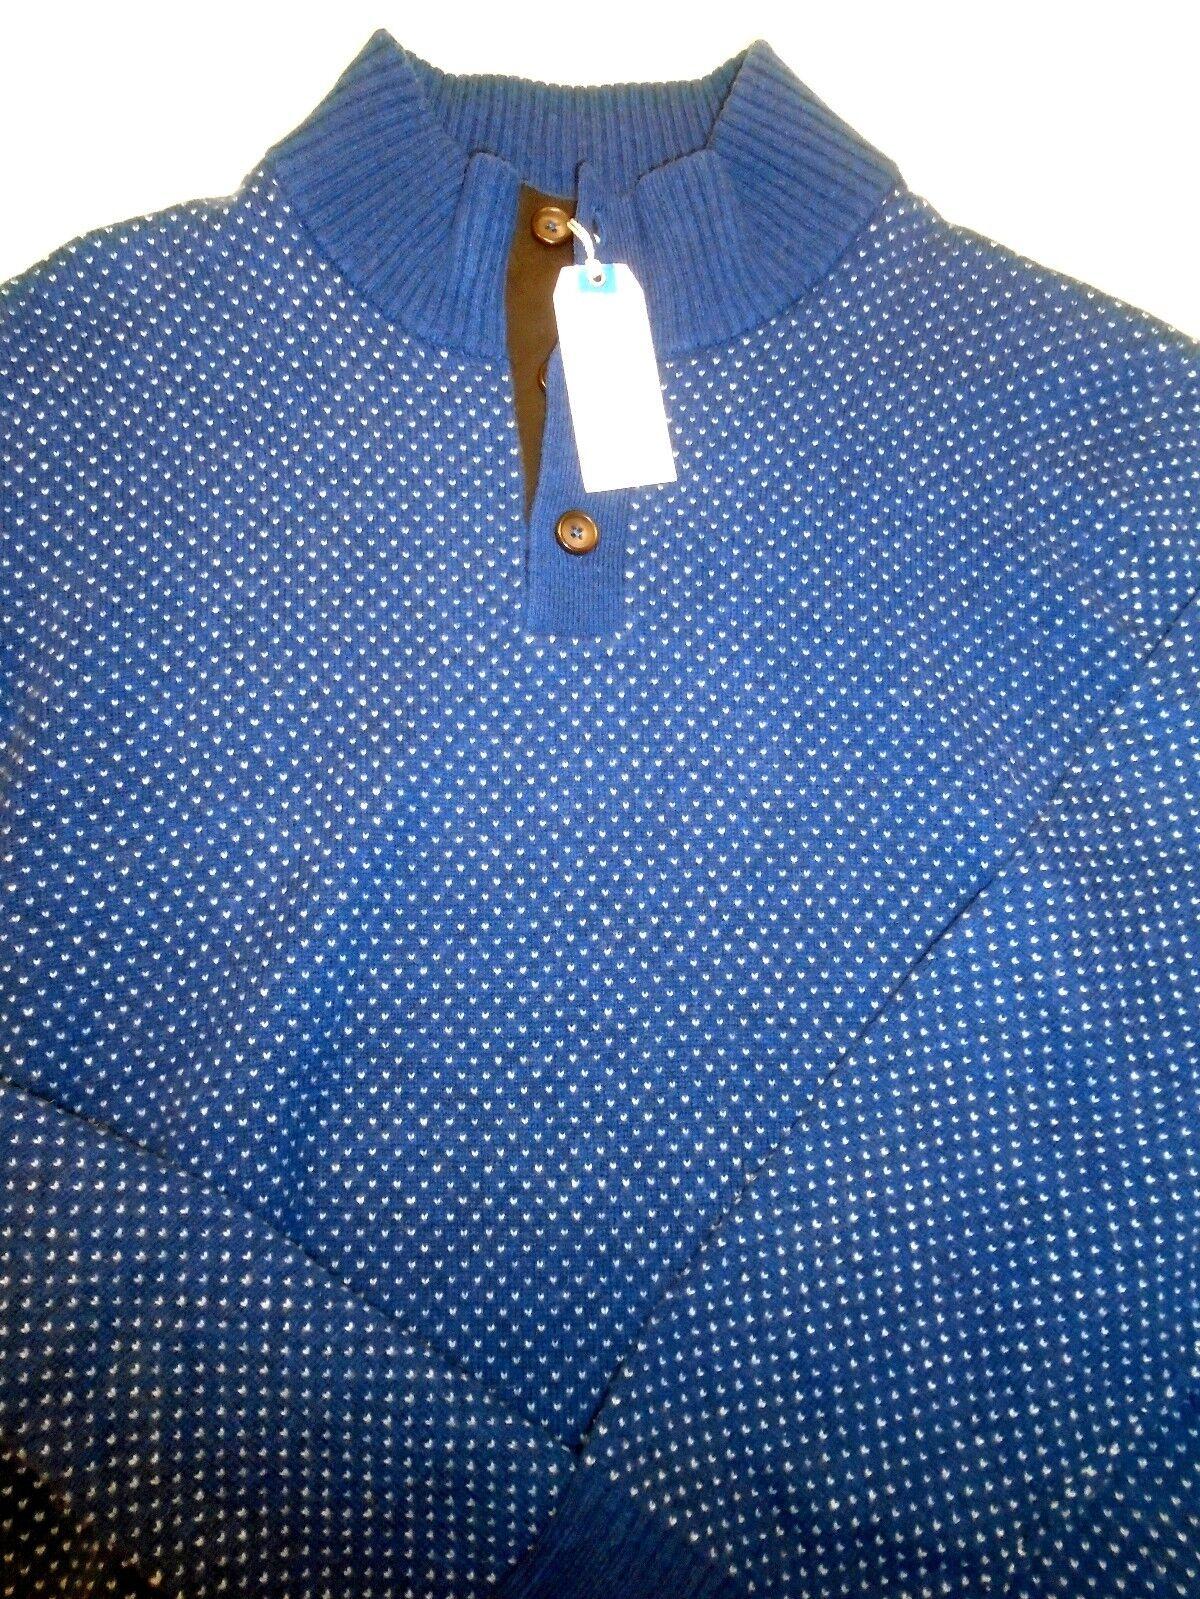 Southern Tide Merino Wool Edgewood Birdseye Pattern Sweater NWT XL 195